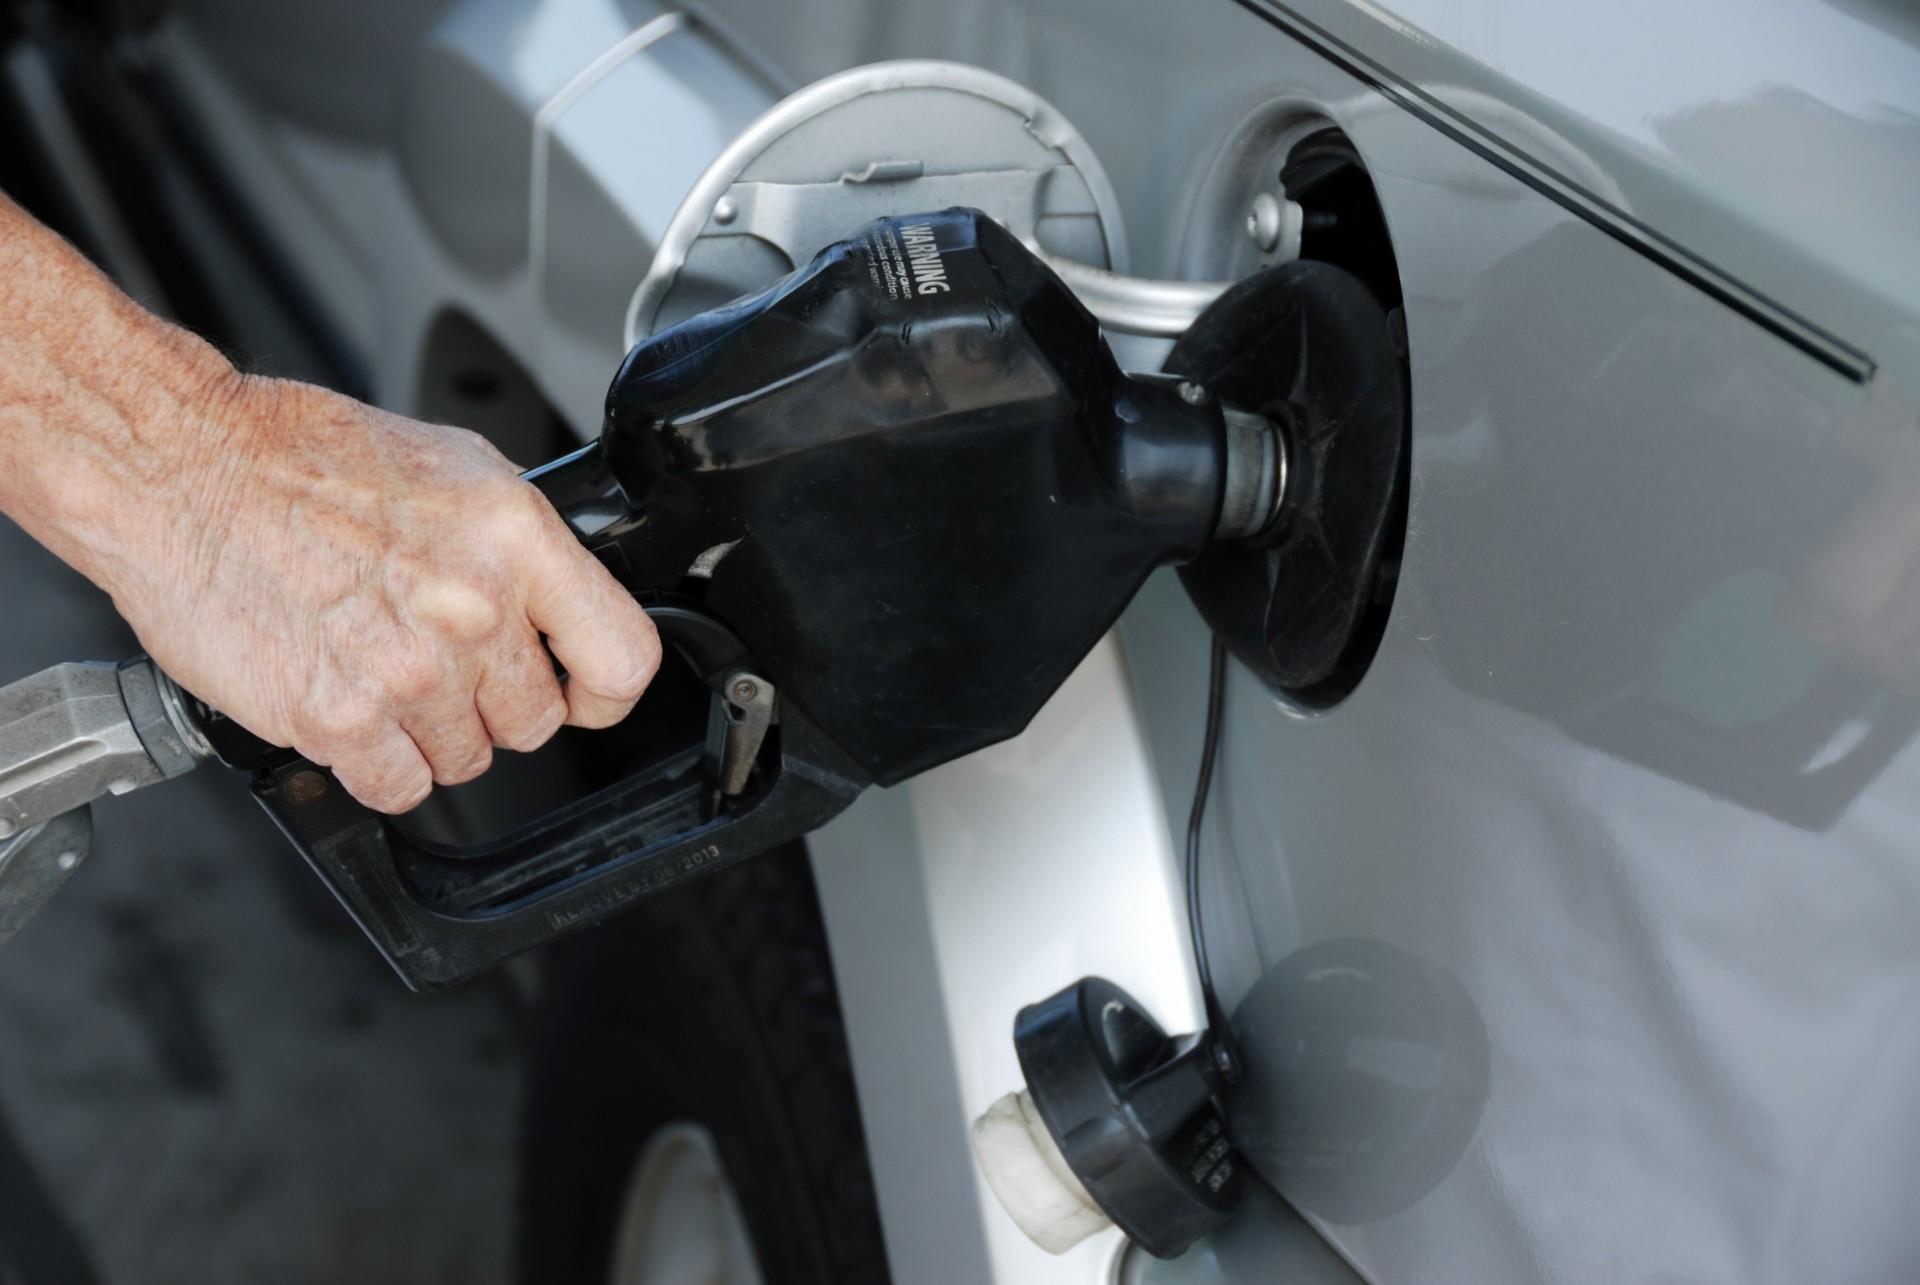 pumping-gasoline.jpg